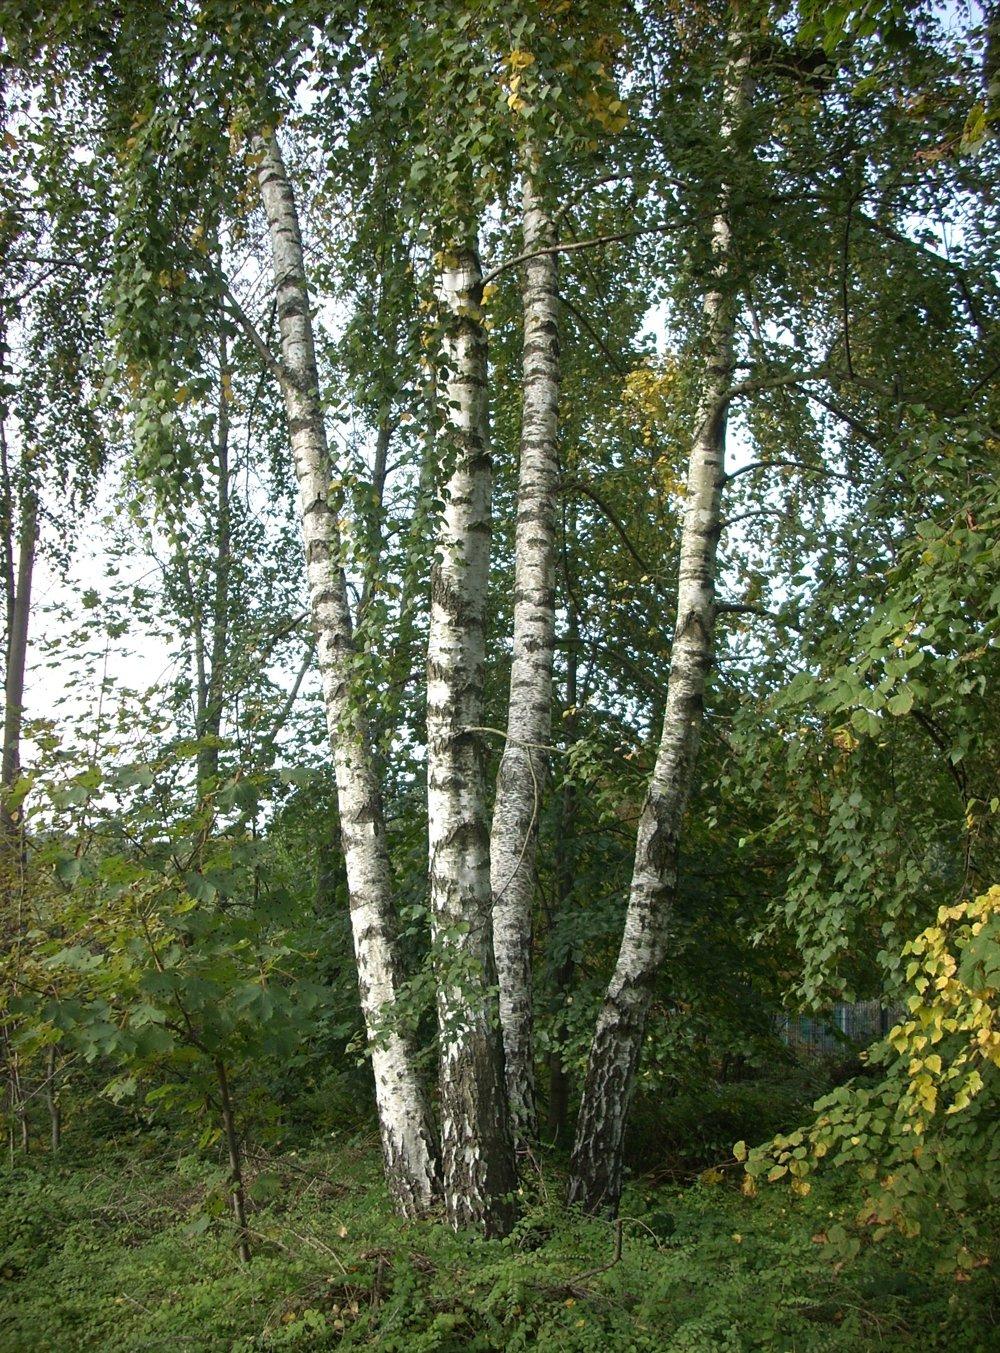 Breza (Betula) - miazga je voda, ktorú korene ťahajú zo zeme a filtrujú ju a obohacujú o živiny. Tečie intenzívne do pukov v marci - preto v mnohých staroslovanských jazykoch marec je pomenovaný podľa brezy - aj v češtine či v ukrajinčine. Je to sladká šťava, cenná a zdraviu prospešná. Obsahuje množstvo vitamínov a minerálnych látok  (K, Ca, Mg, Mn, Cu a FE, vitamín C, aminokyseliny). Má detoxikačné účinky, omladzuje, pomáha pri chudnutí. Používa sa proti anémii, artritíde, dne, reumatizme a bežných prechladnutiach. Čistí obličky a pečeň, blahodárne účinky má aj na kĺby a imunitu. Stromy ťahajú aj stovky litrov hore do listov. Aj lipa a buk majú dobrú miazgu, ale breza je najchutnejšia a najľahšie sa zbiera.